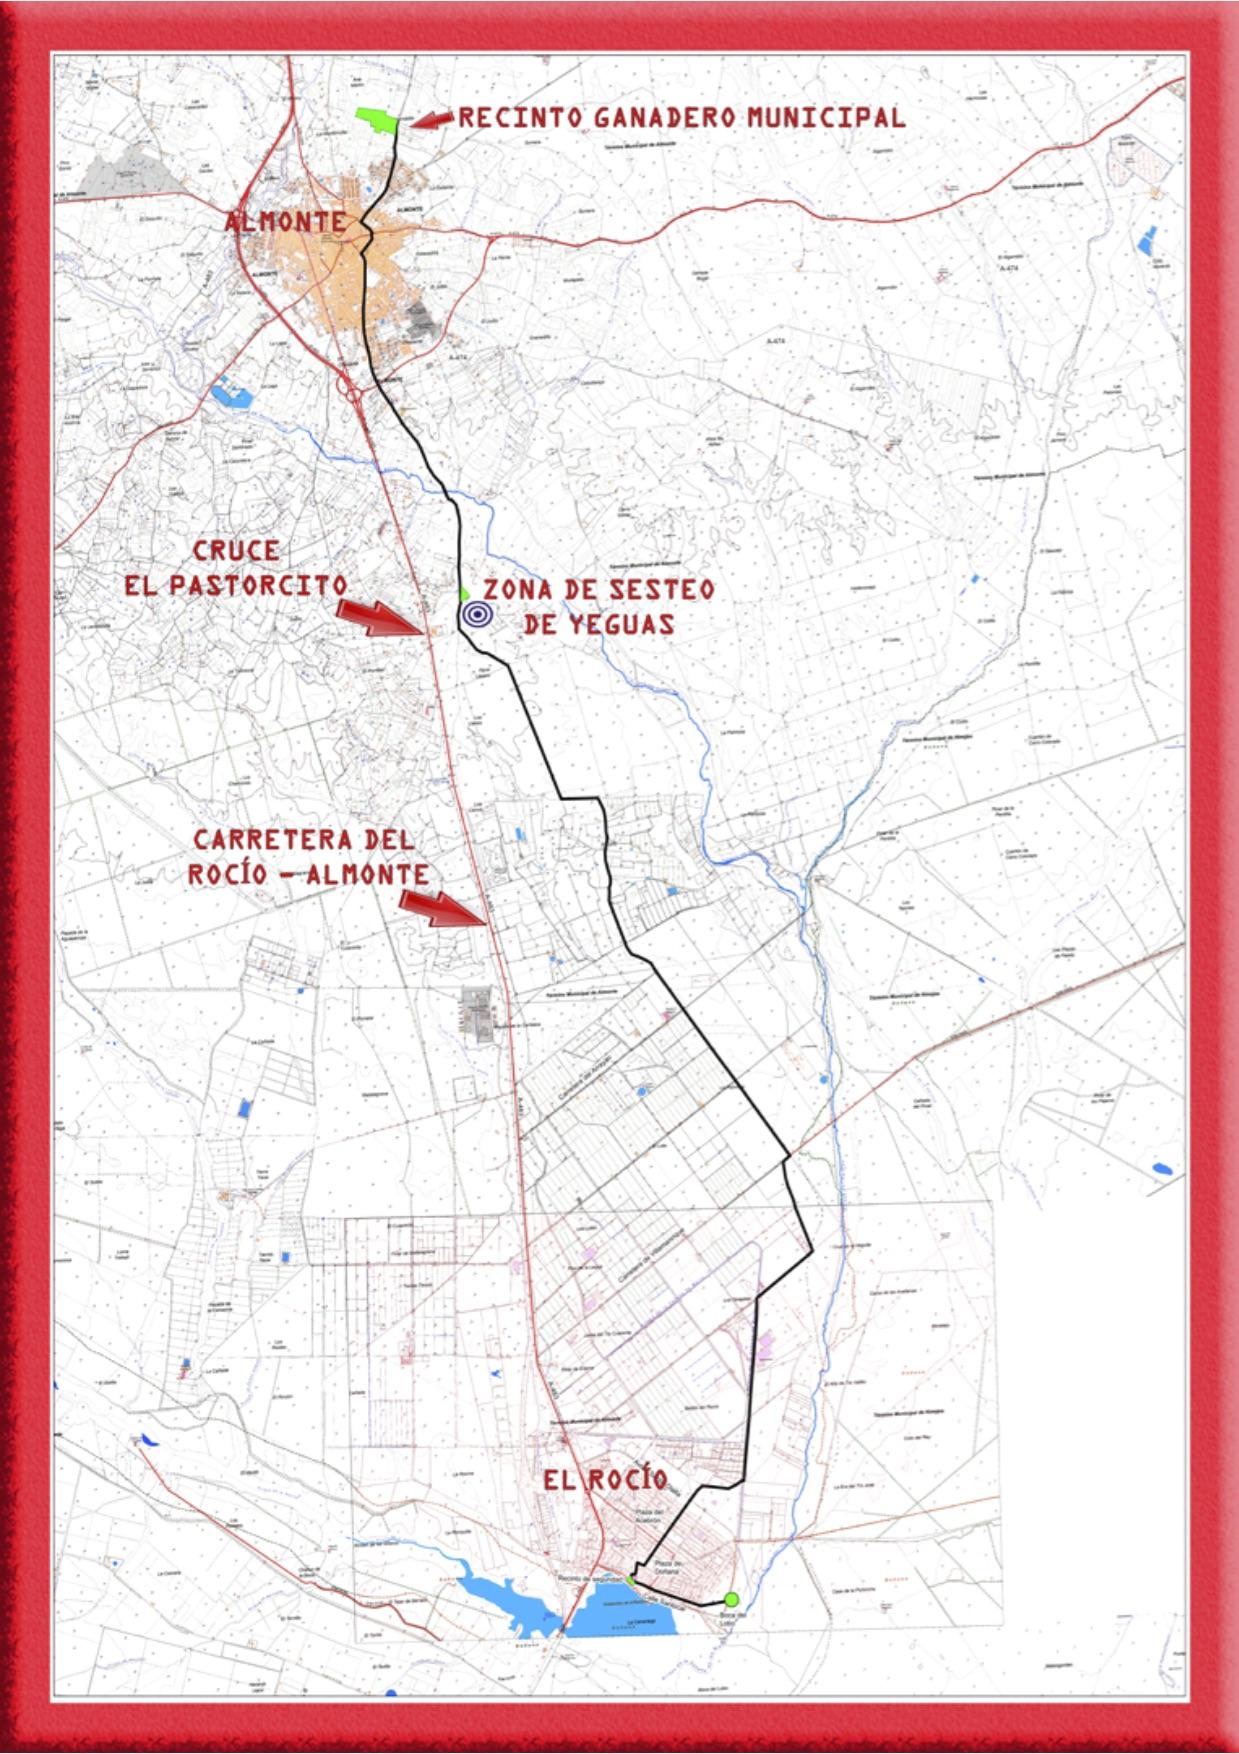 MAPA-CAMINO-yeguas-El-Rocio-Almonte